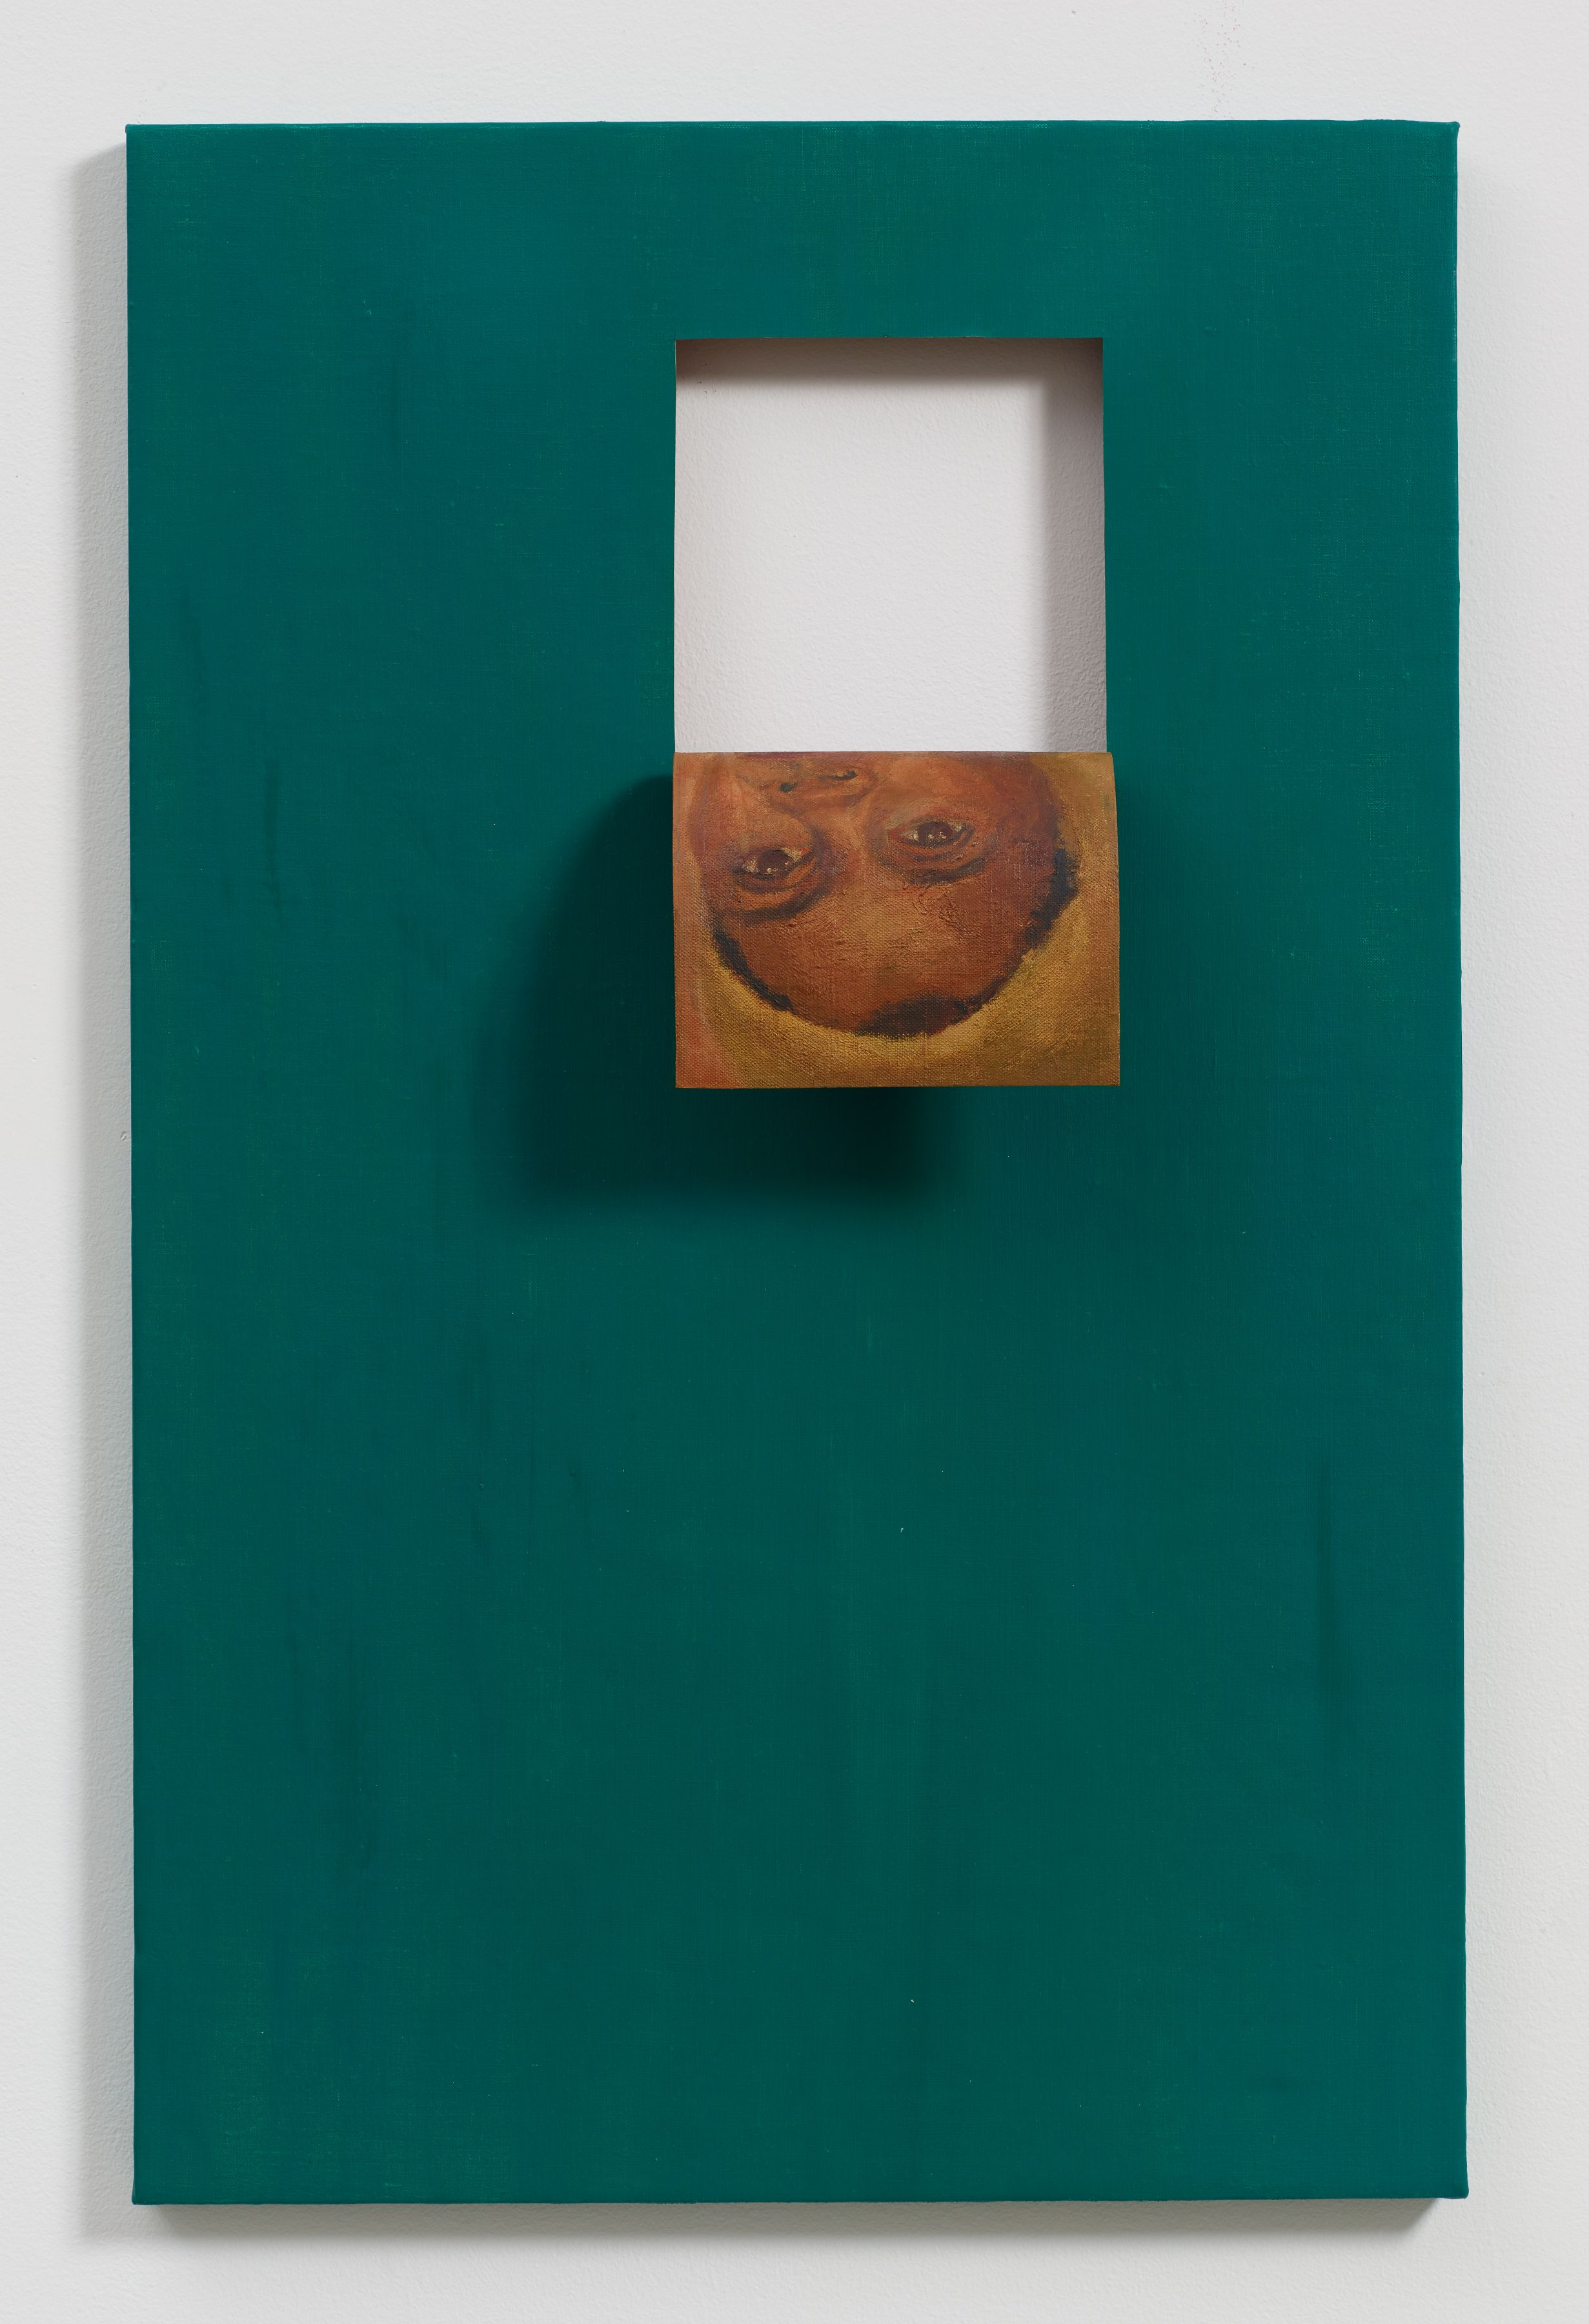 Valeska Soares, Doubleface (Cobalt Green), 2017